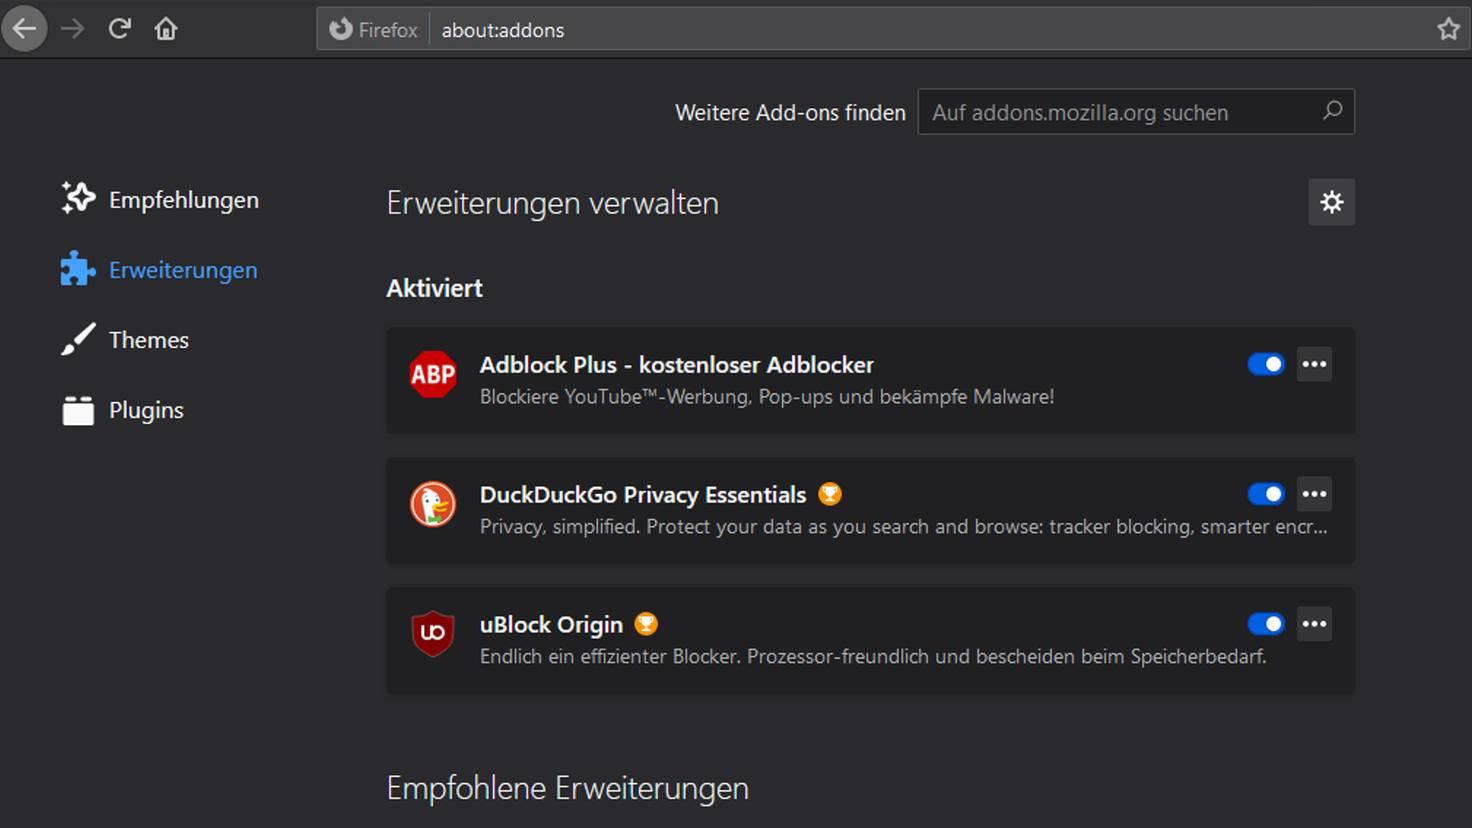 Die Erweiterungen heißen bei Firefox Add-ons